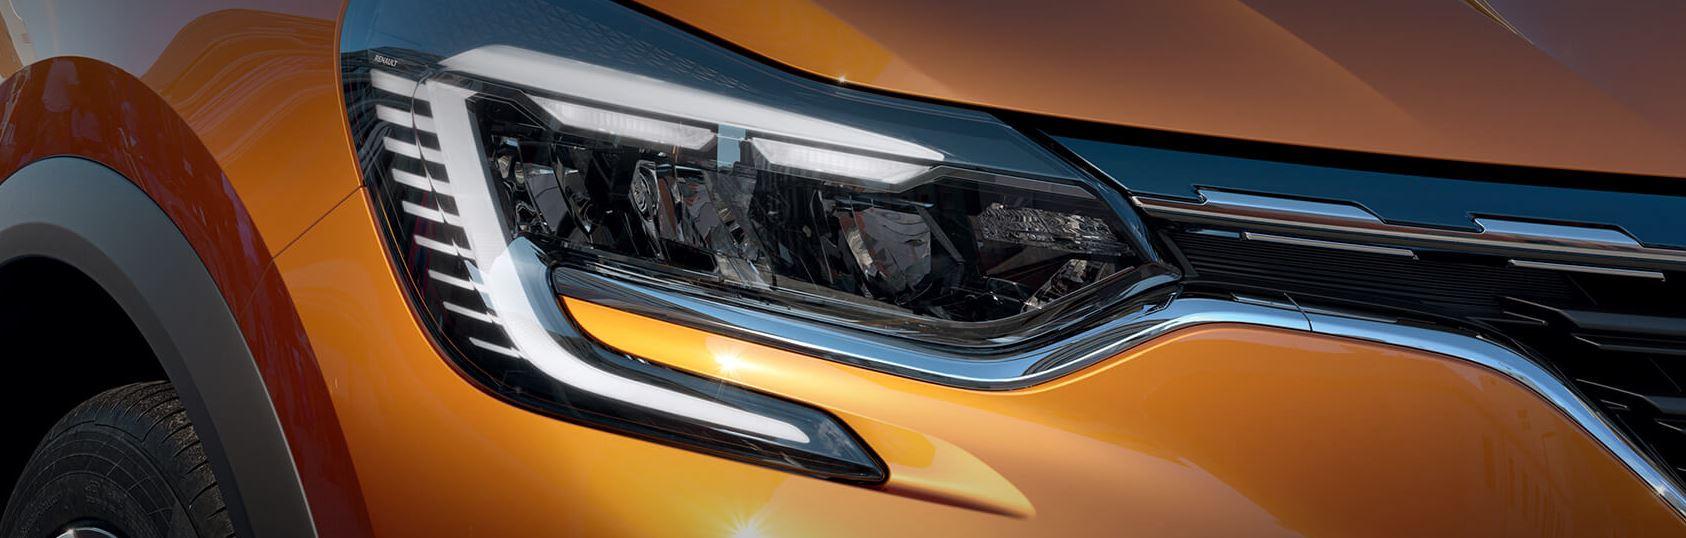 Essayez Renault Captur en concession Renault Edenaut